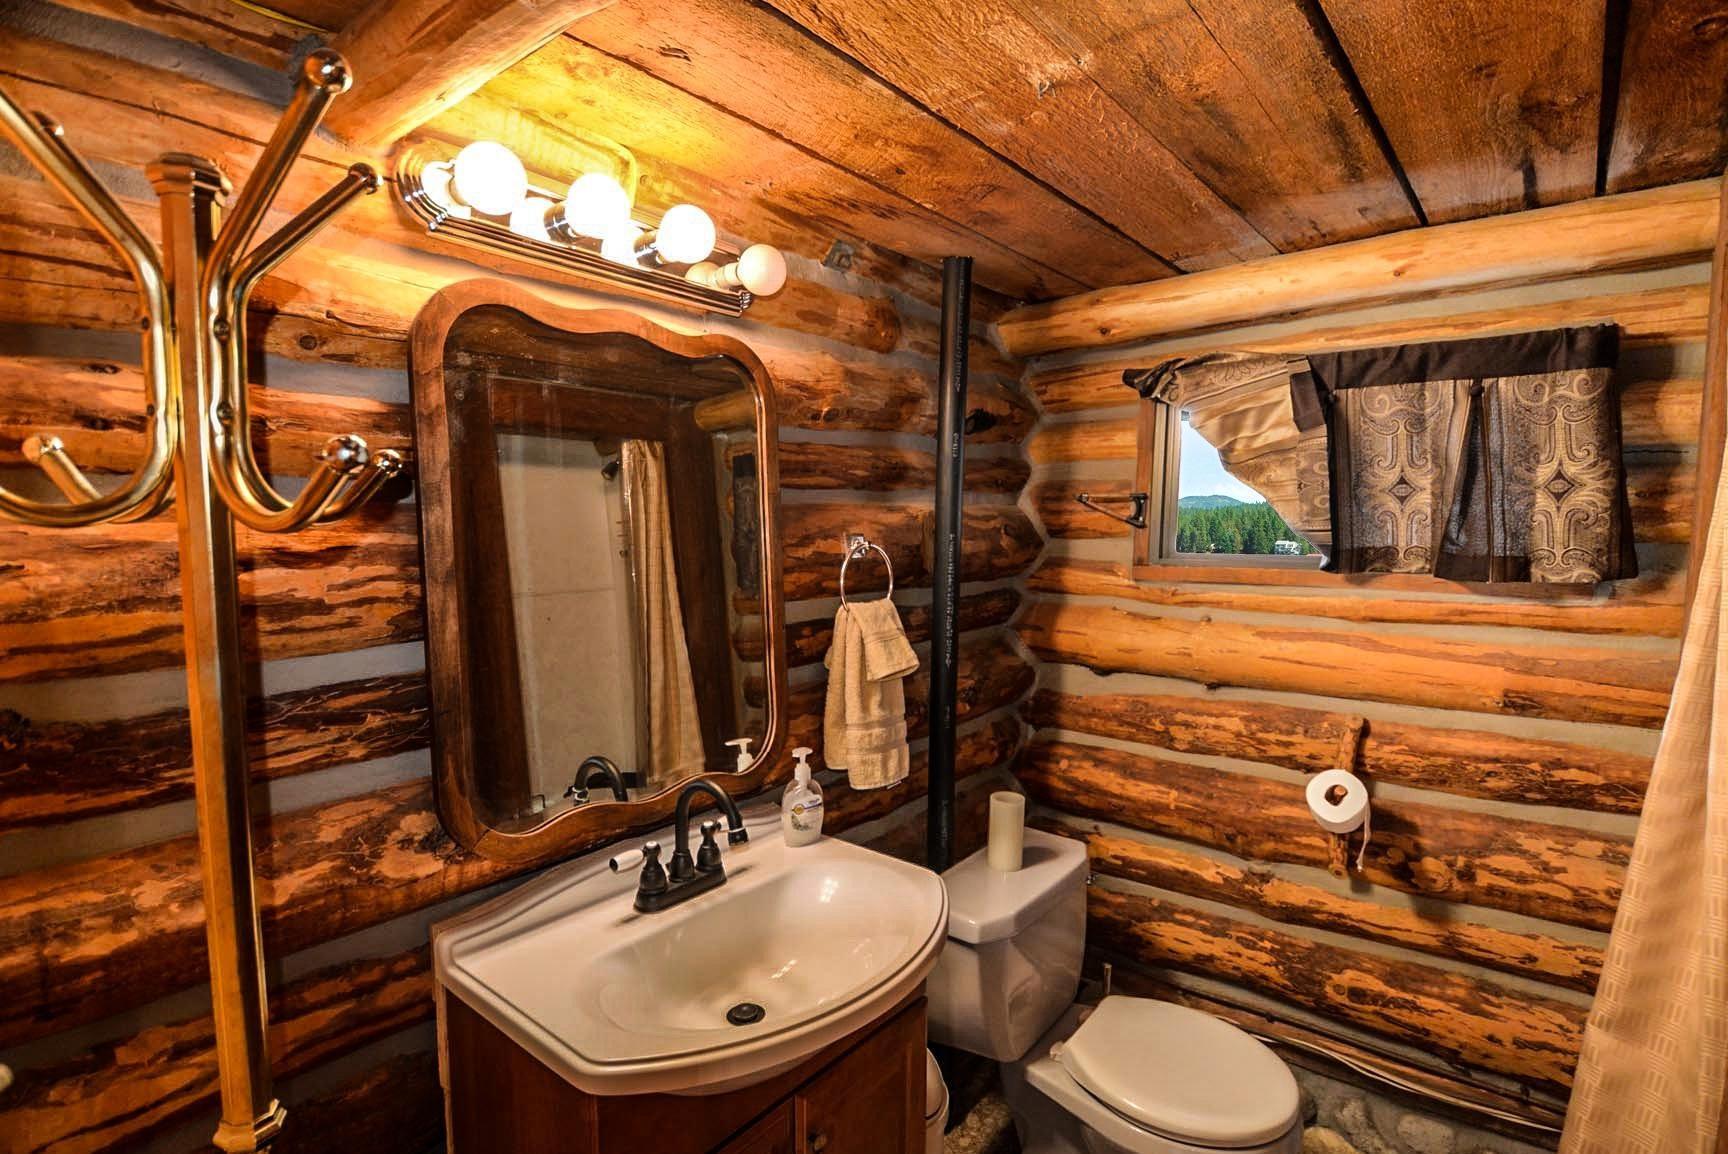 Kostenlose Bild Luxus Haus Htte Stuhl Fenster Bad Badewanne Haus Mbel innen Holz